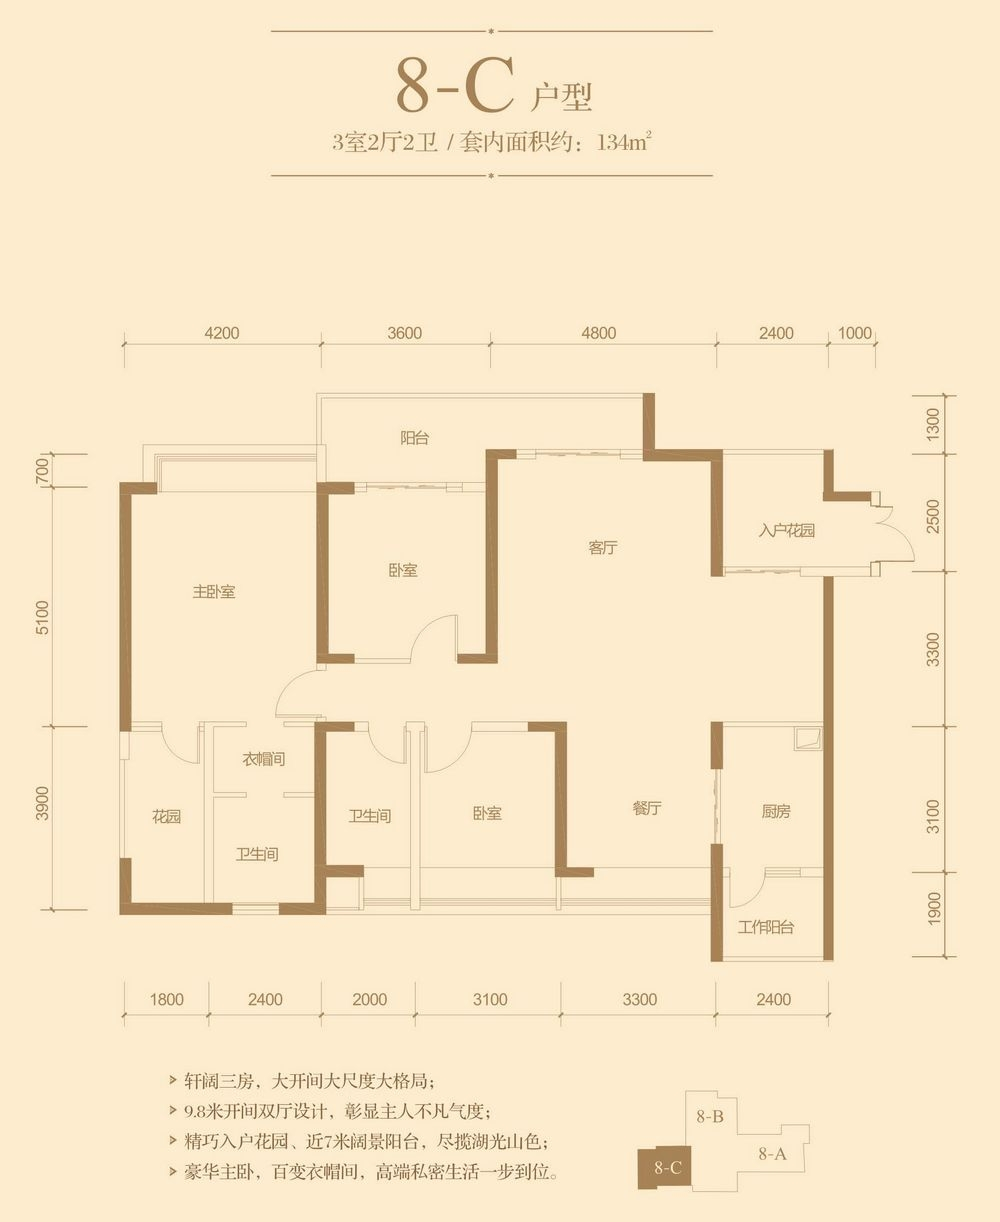 天安数码城江畔珑园8-C户型 三室两厅两卫 套内面积约134平米